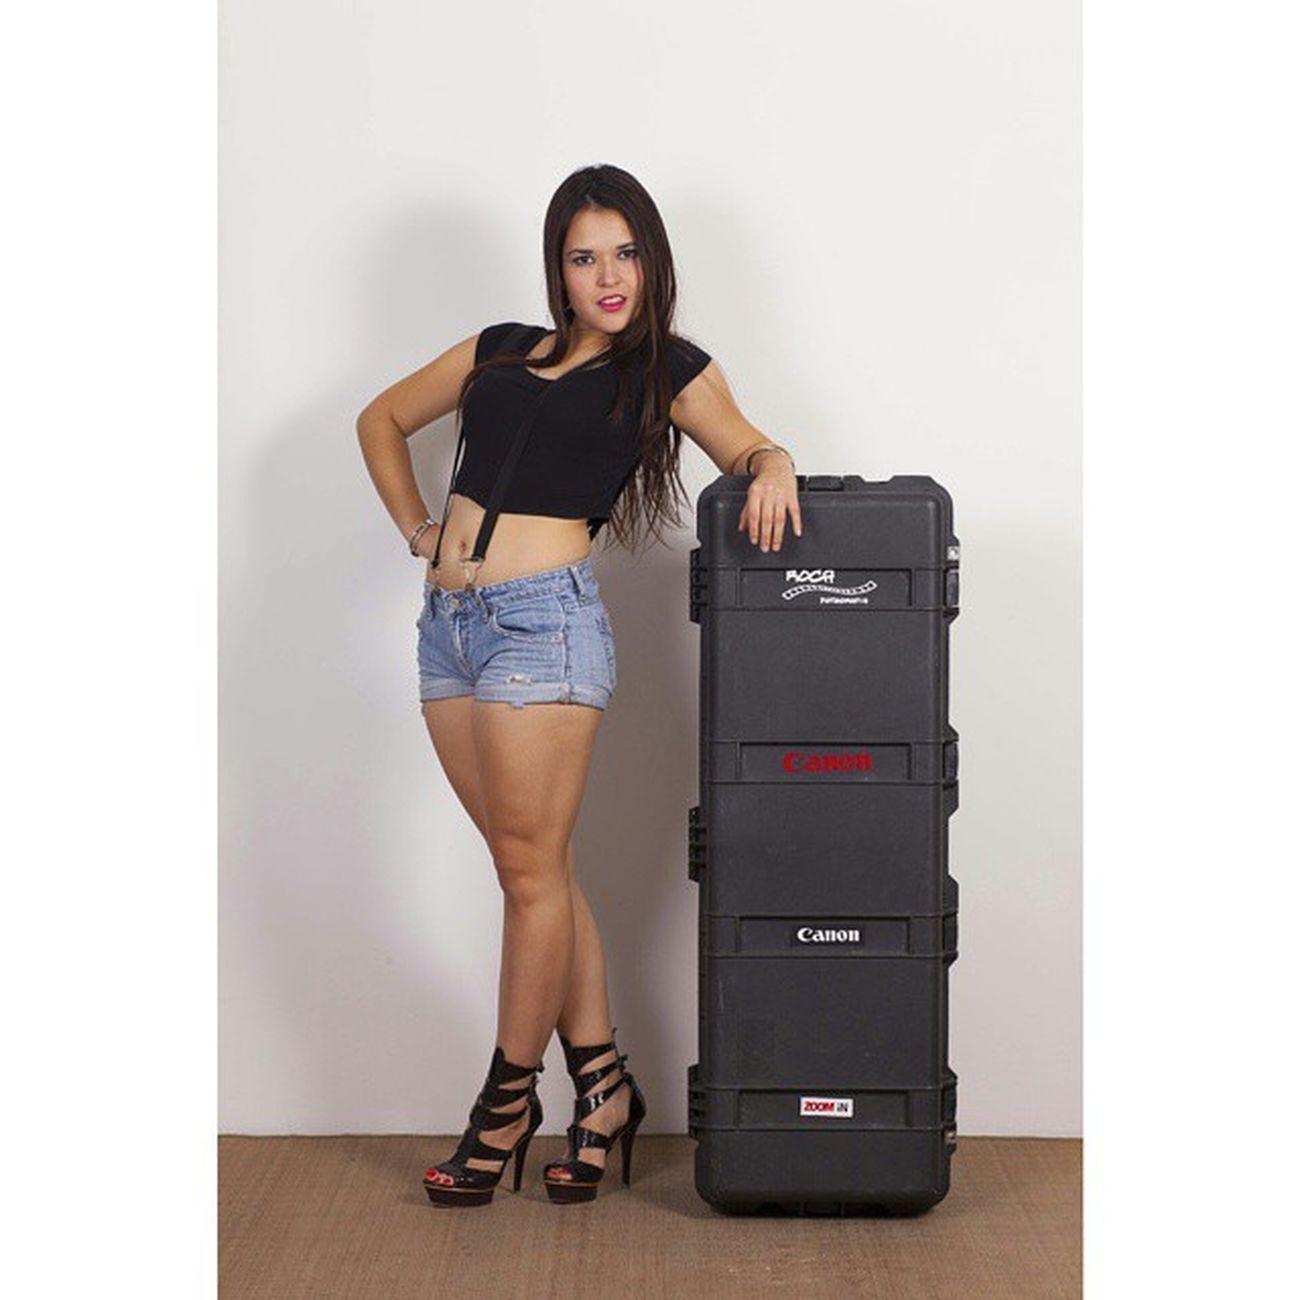 Canon 5dmarkll Mujer Modelo Bella Rocafotografia Sonrisa Fotografo Sesion